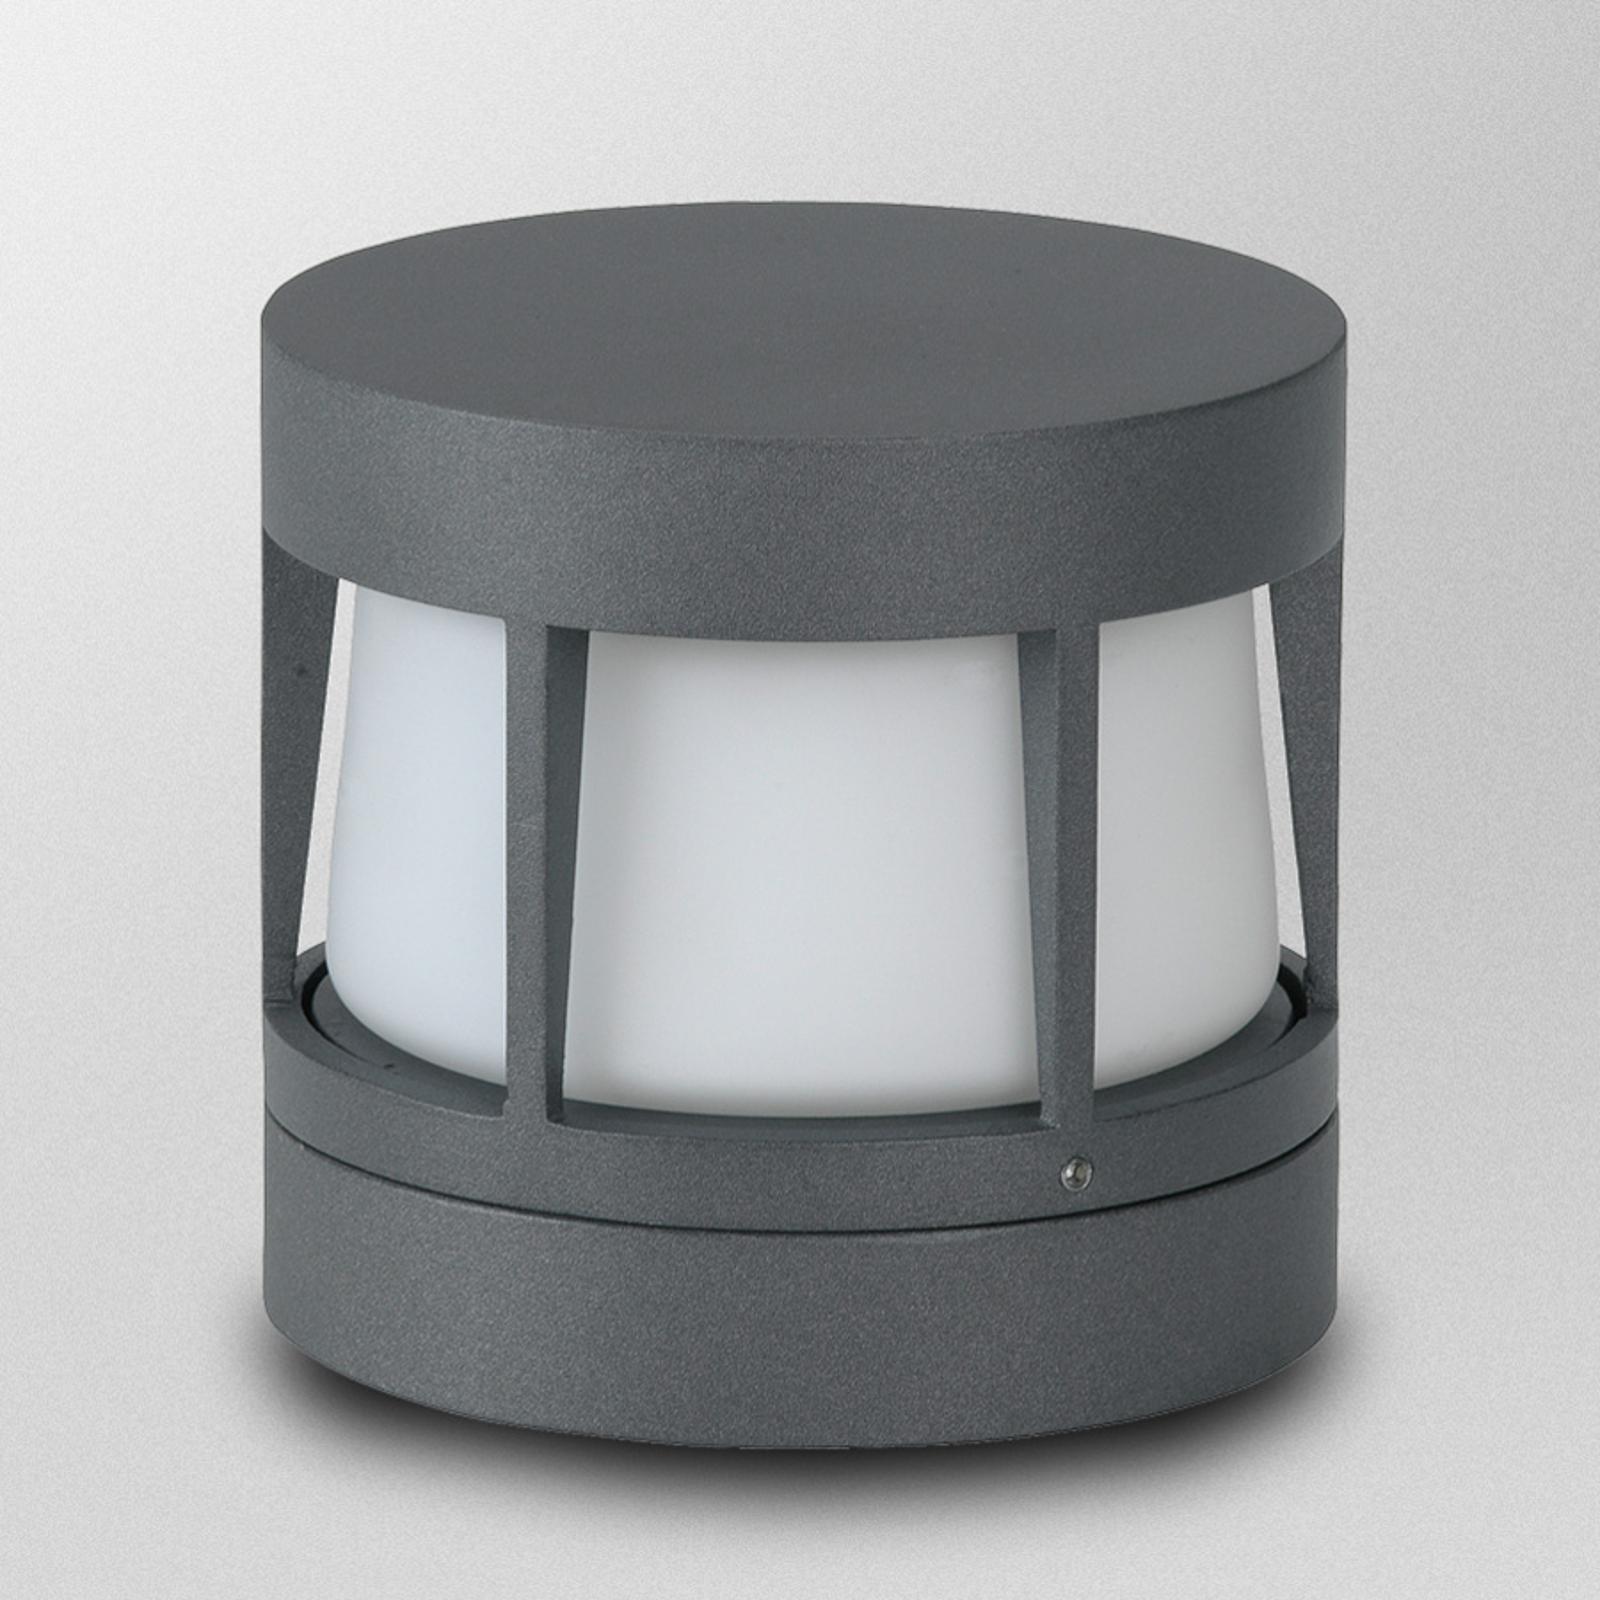 Univerzálne vonkajšie nástenné LED svietidlo Fadri